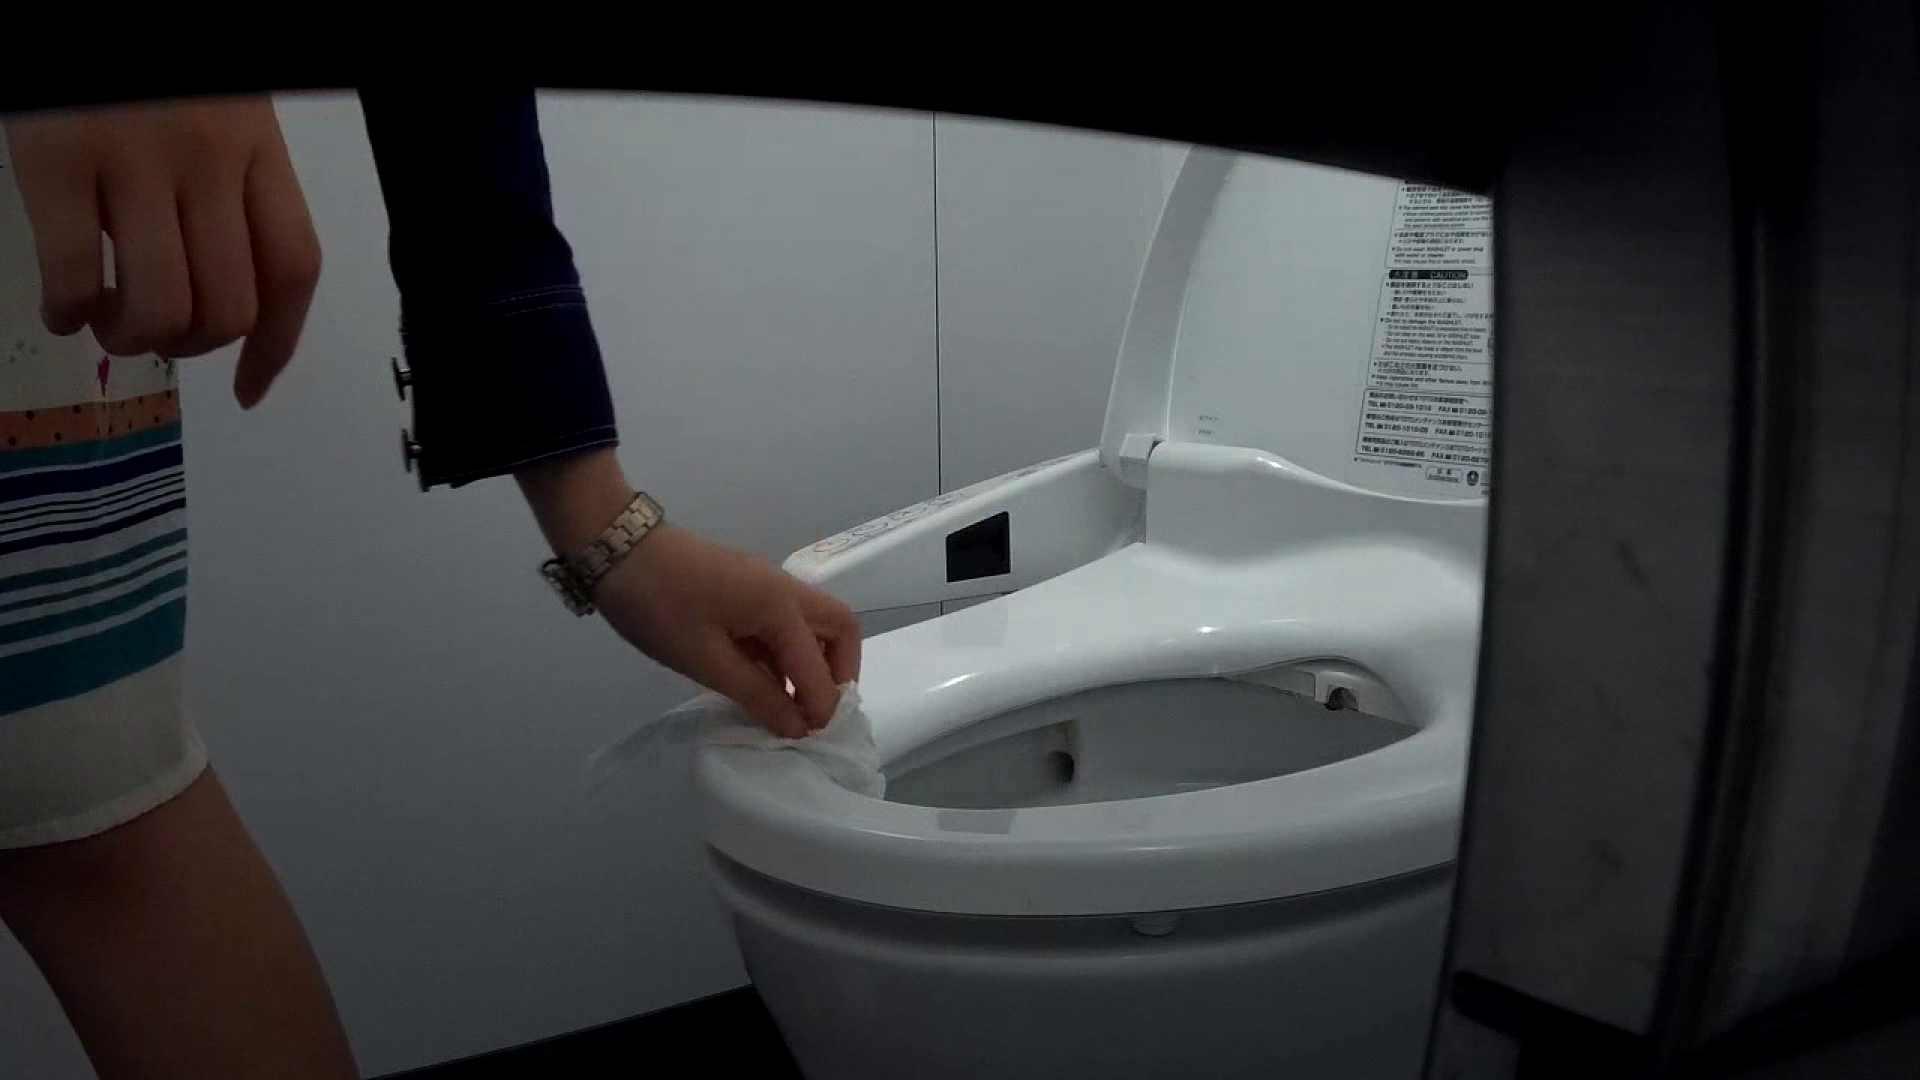 有名大学女性洗面所 vol.37 ついでにアンダーヘアーの状態確認ですね。 投稿 のぞき 93PIX 45